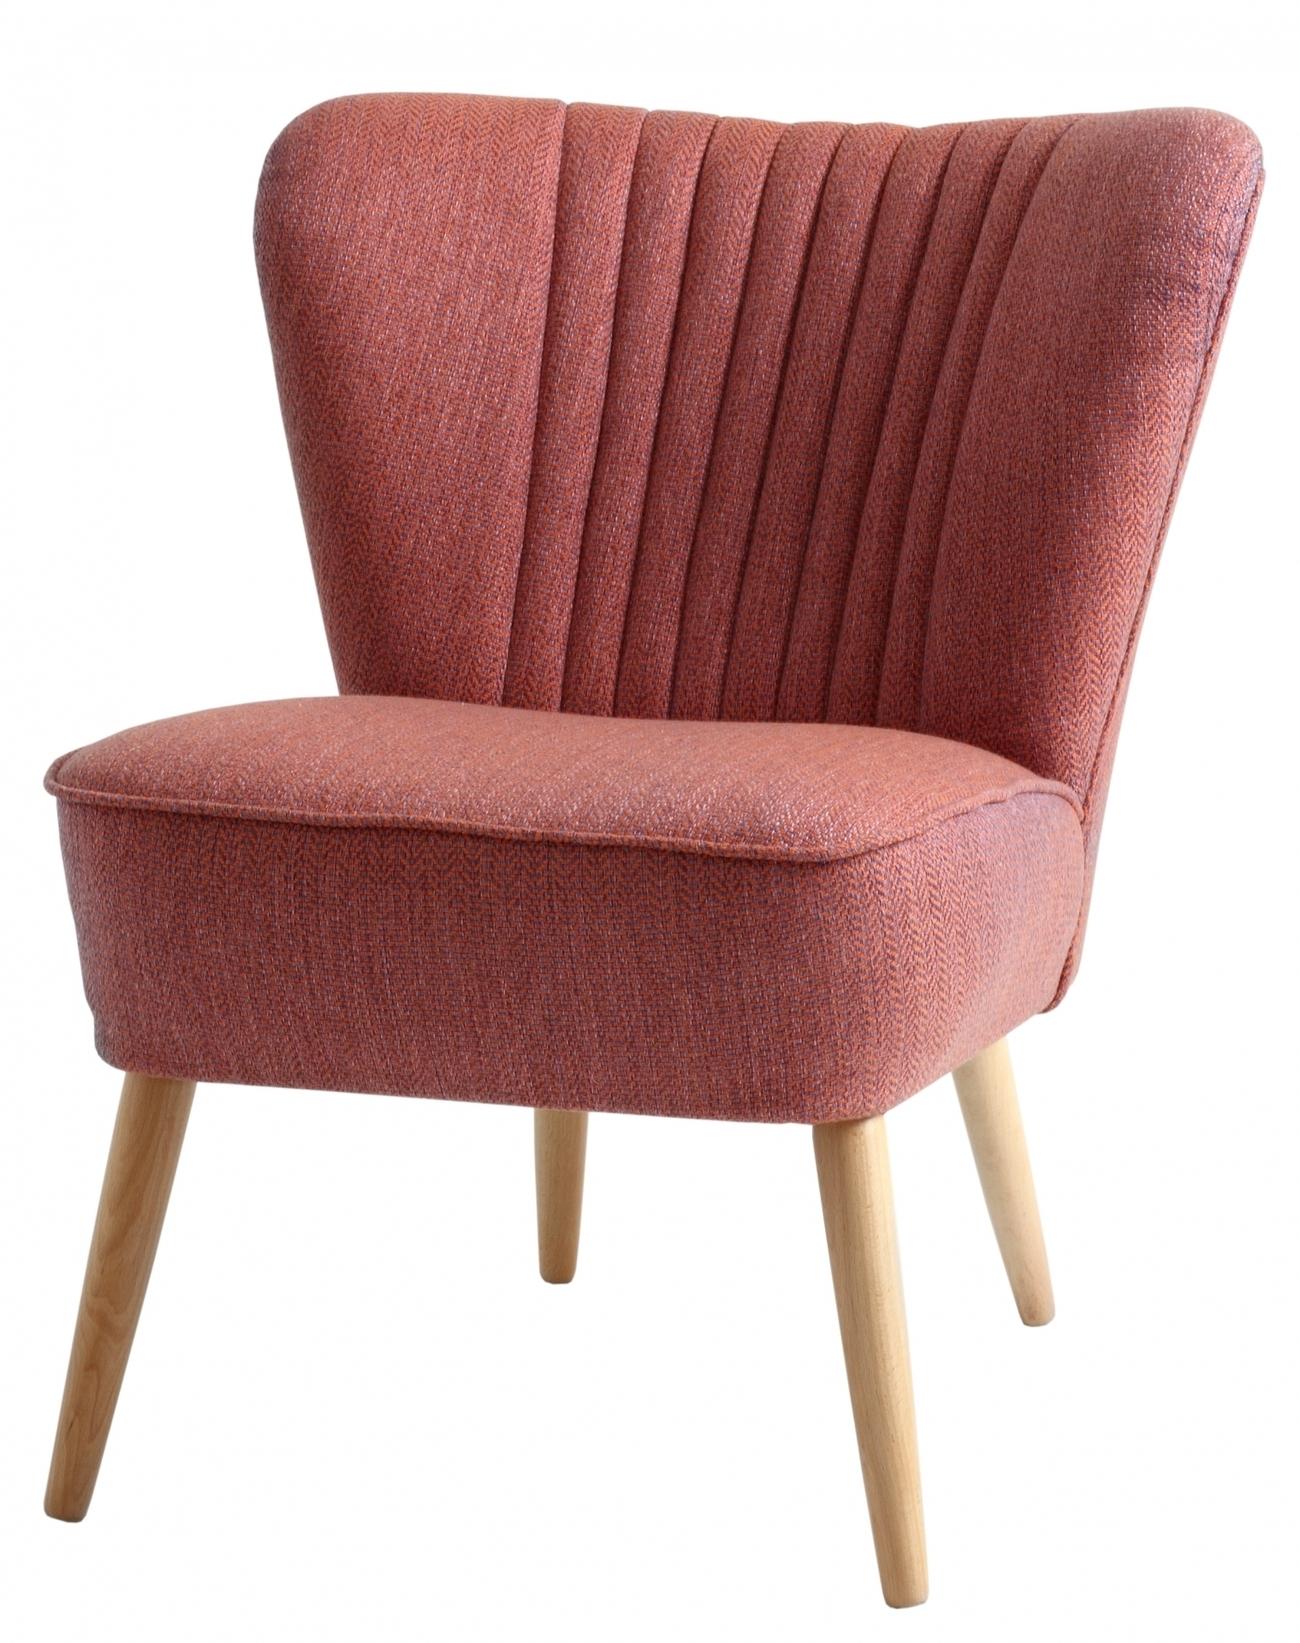 i-Sofa Lola stoel-Roze